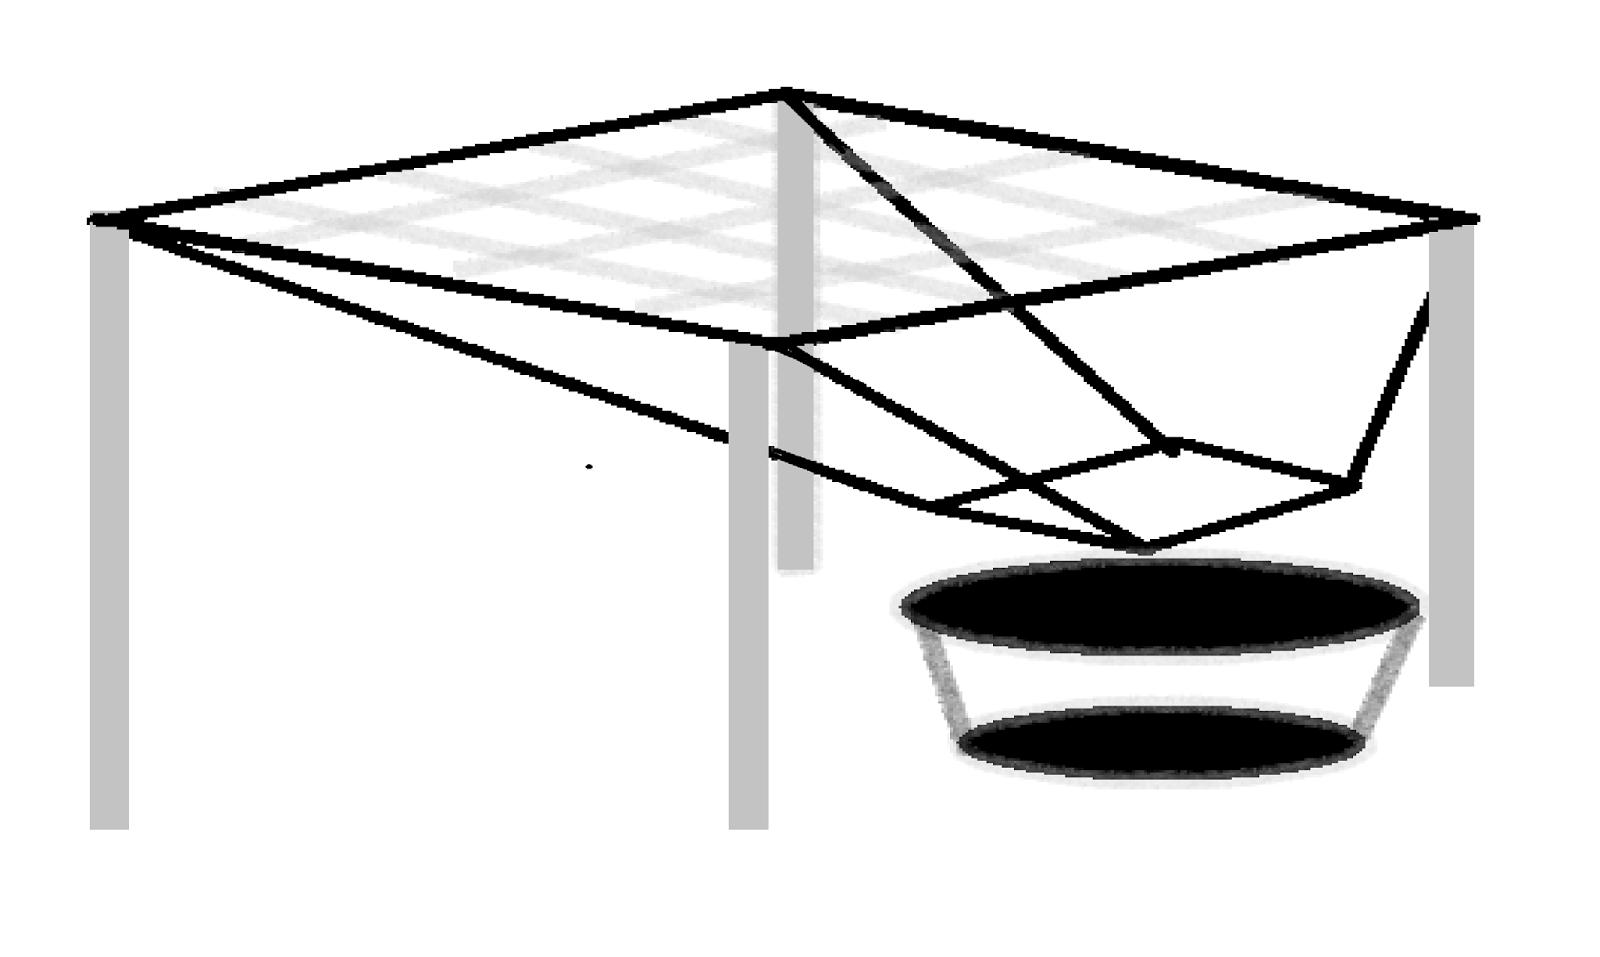 Expr sion bons i una mesa de trasplantes portatil for Trabajos por debajo de la mesa